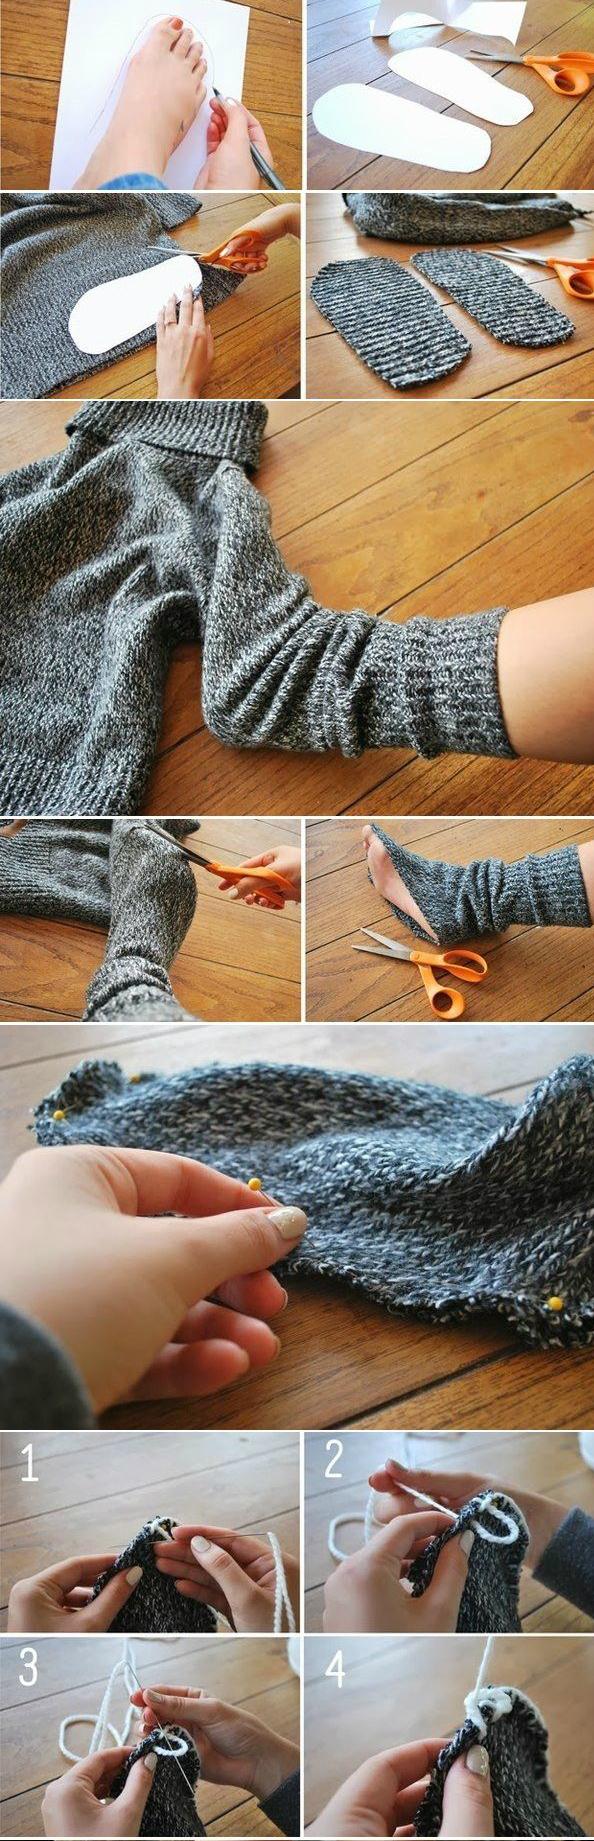 9 теплых и уютных вещей из старого свитера Новости Всеукраинская ассоциация пенсионеров